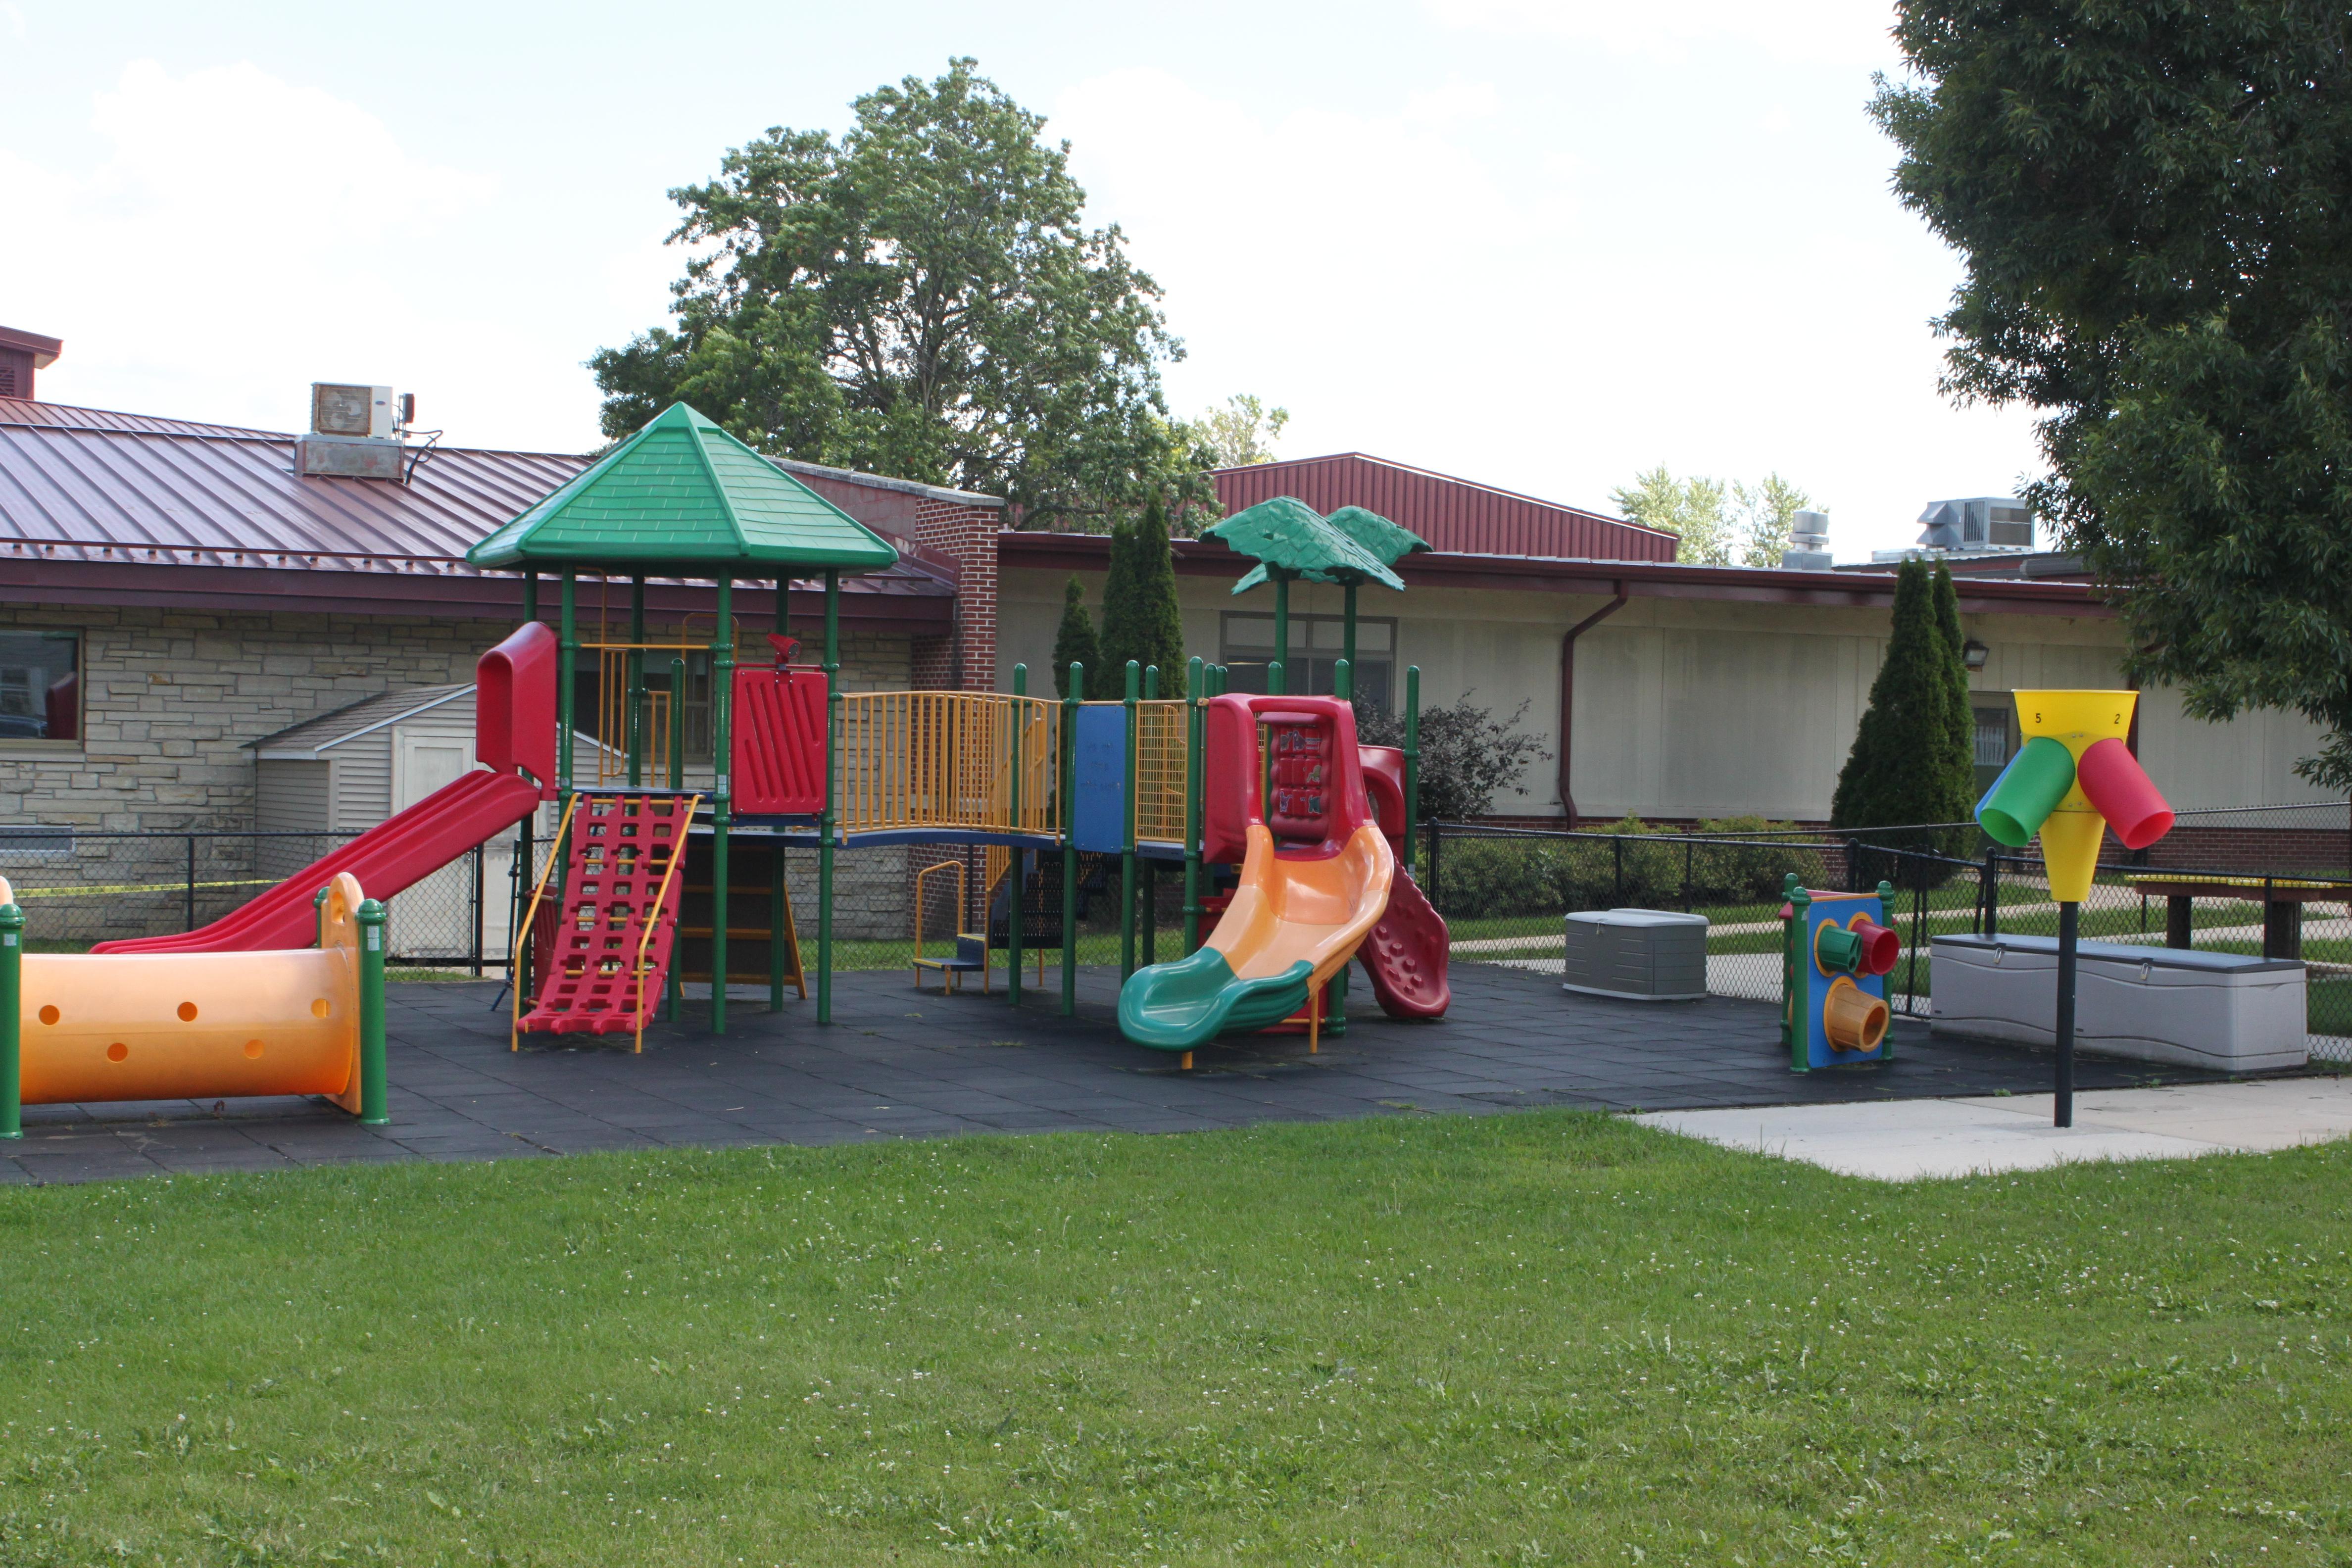 Strawberry Hill Playground